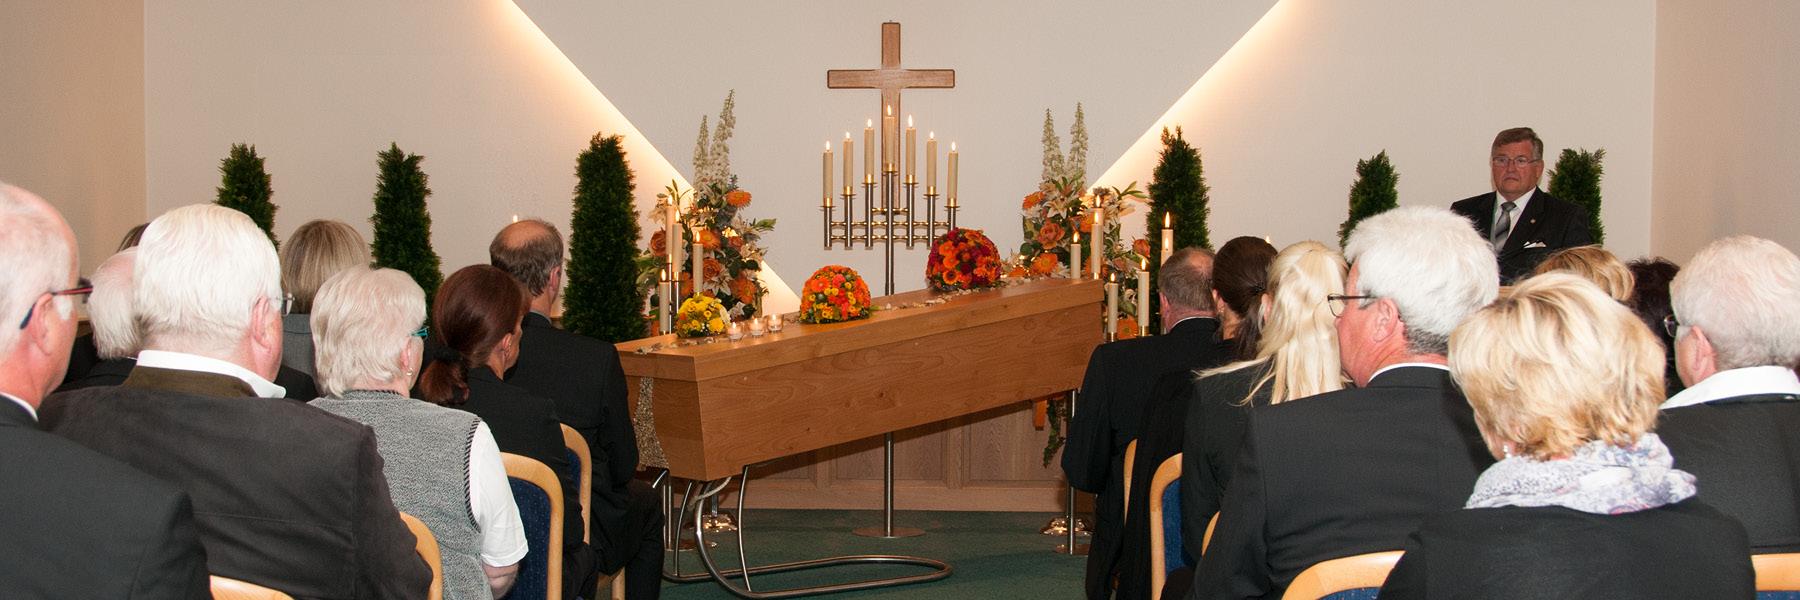 Bestattungshaus mit eigener Feierhalle